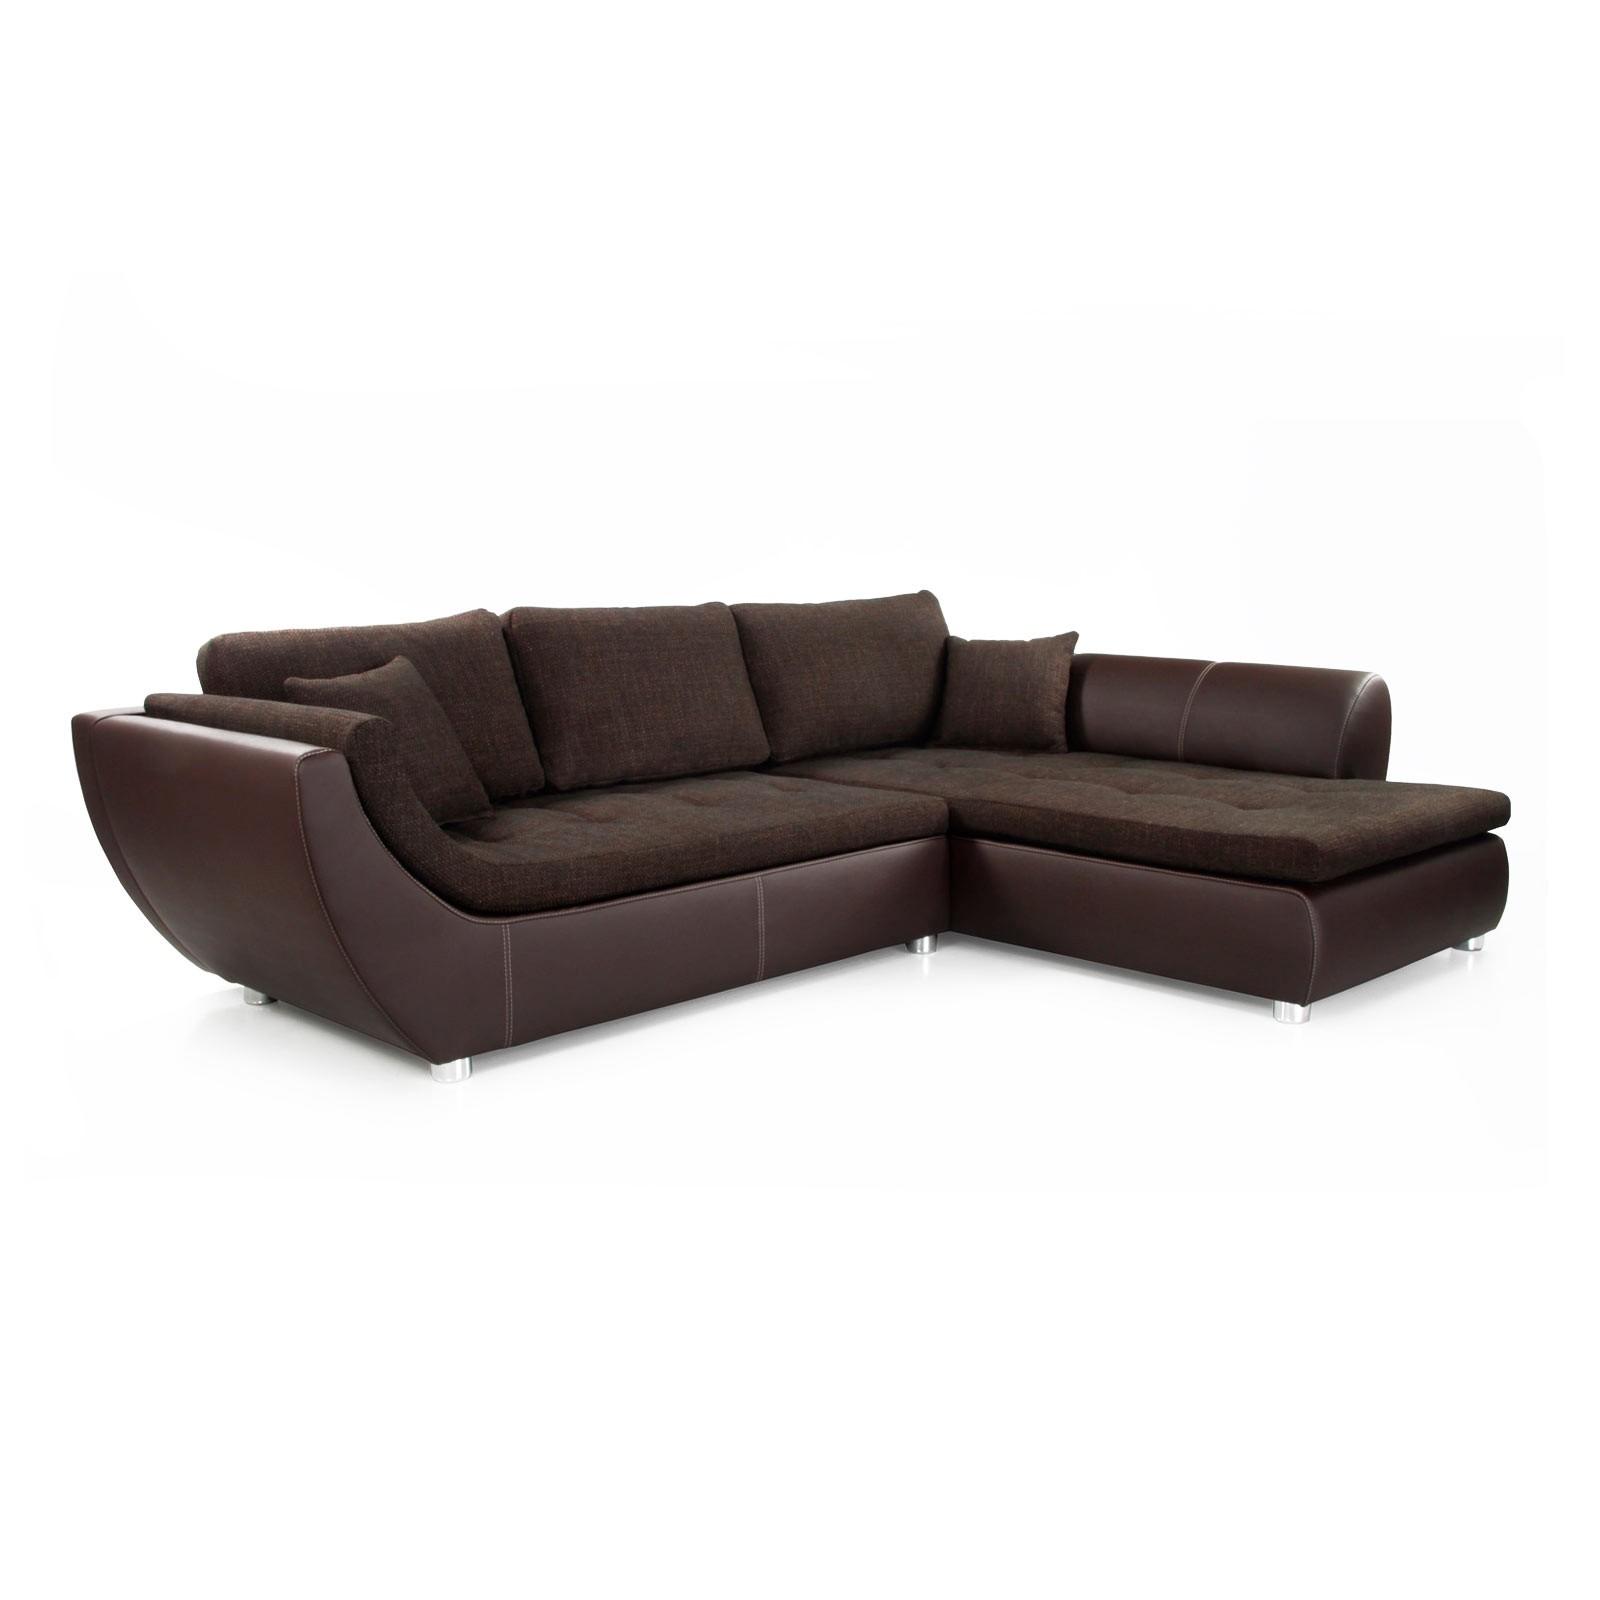 Canapé d'angle Nikolas - Imitation cuir / Tissu - Méridienne à droite (vue de face) - Marron, Home D